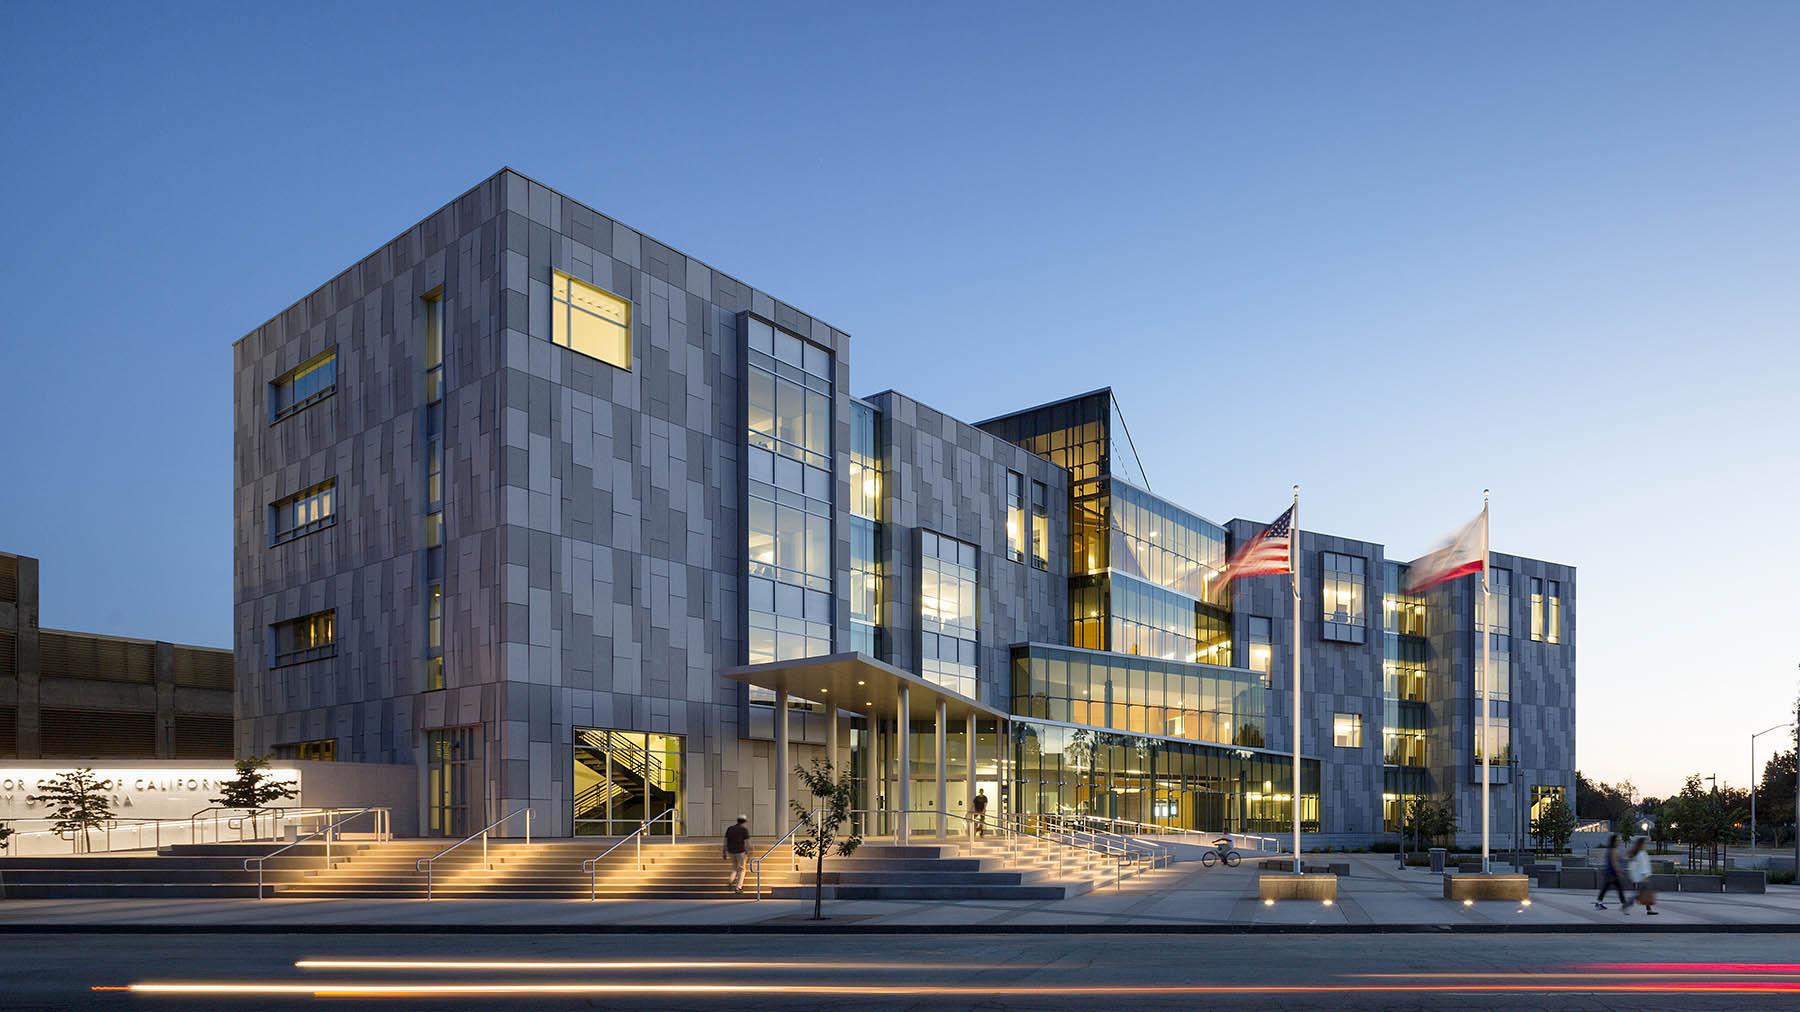 Madera Courthouse - Glumac MEP Engineering